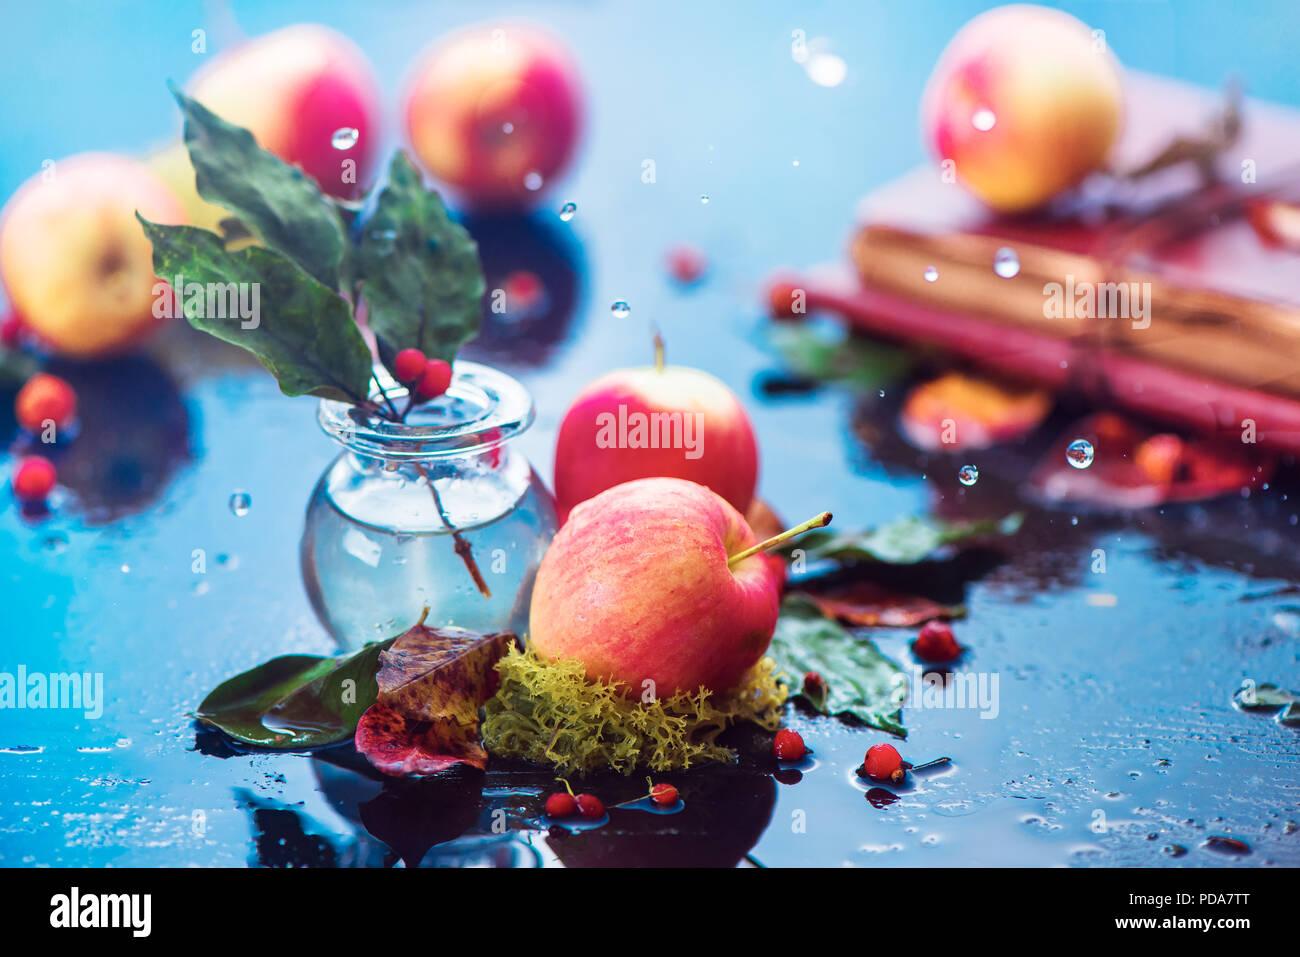 Les pommes d'automne encore la vie. En-tête de récolte d'automne sous la pluie avec des gouttes d'eau et de l'espace de copie. Les petites pommes rouges organiques avec un verre ranet jar et de feuilles mortes Photo Stock